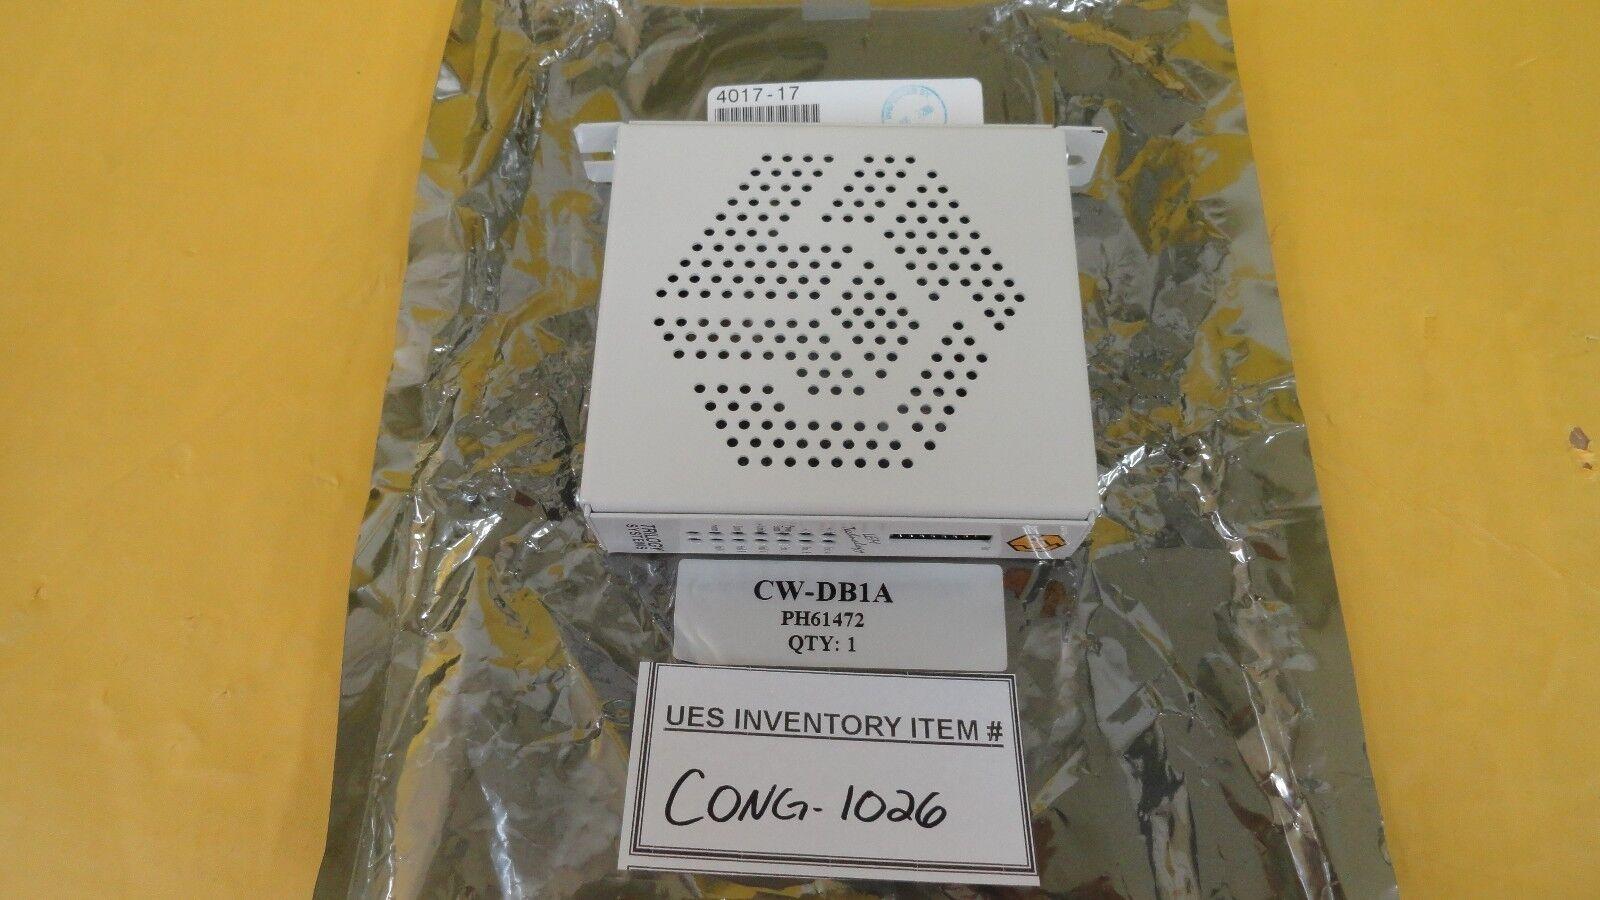 Trilogía sistemas sistemas sistemas CW-DB1A Lem tecnología decodificador semitool 4017-17 Usado 08f346